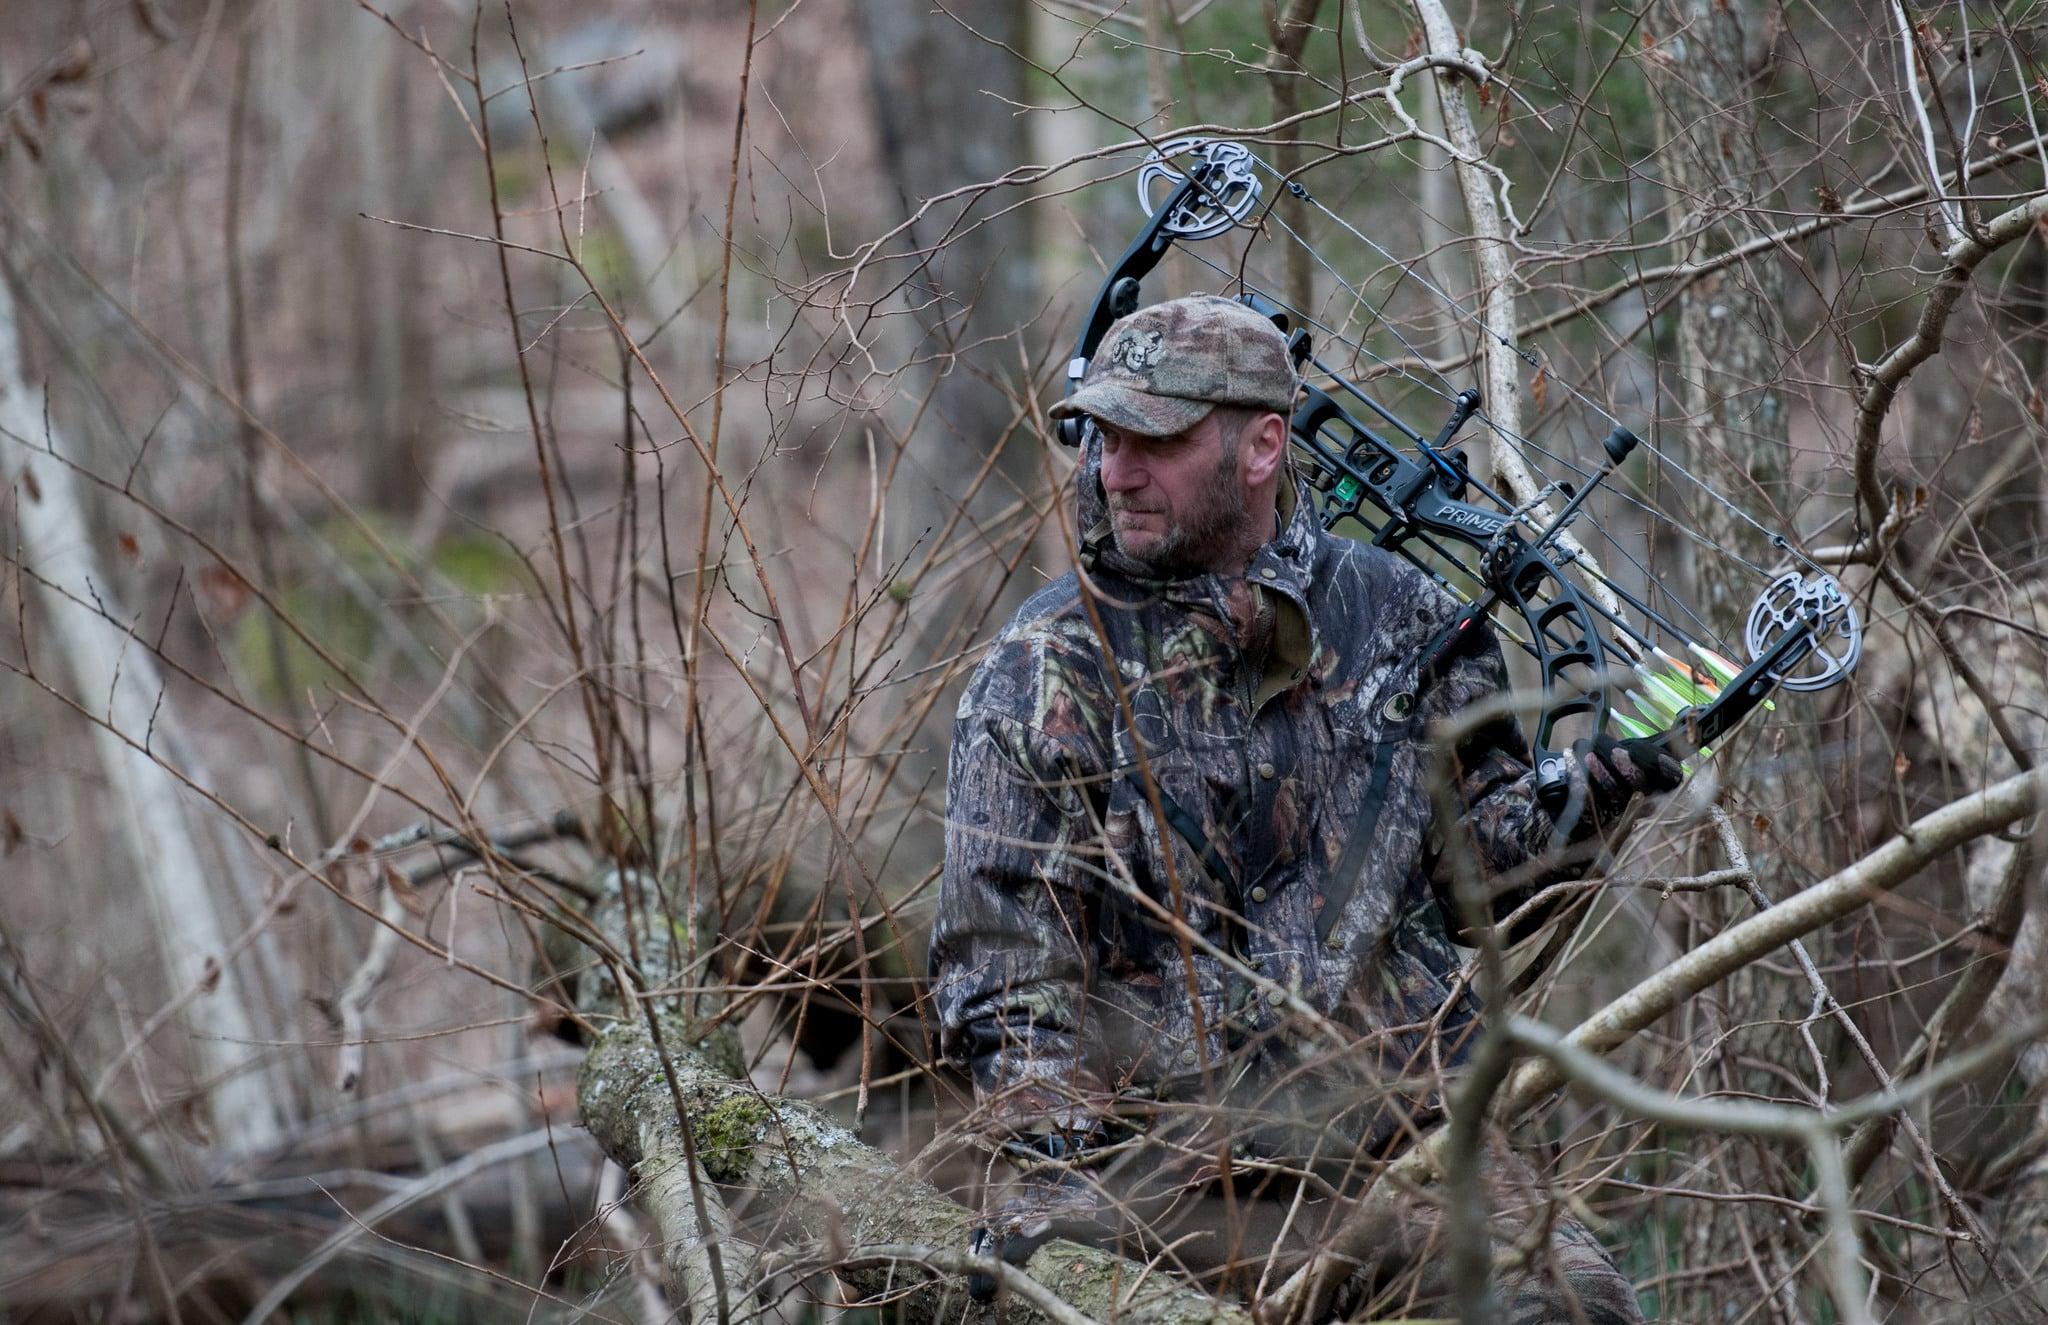 Jägareförbundet är positiv till bågjakt eftersom de erfarenheter och undersökningar som gjorts visar att jaktformen fungerar lika bra som med krutvapen.